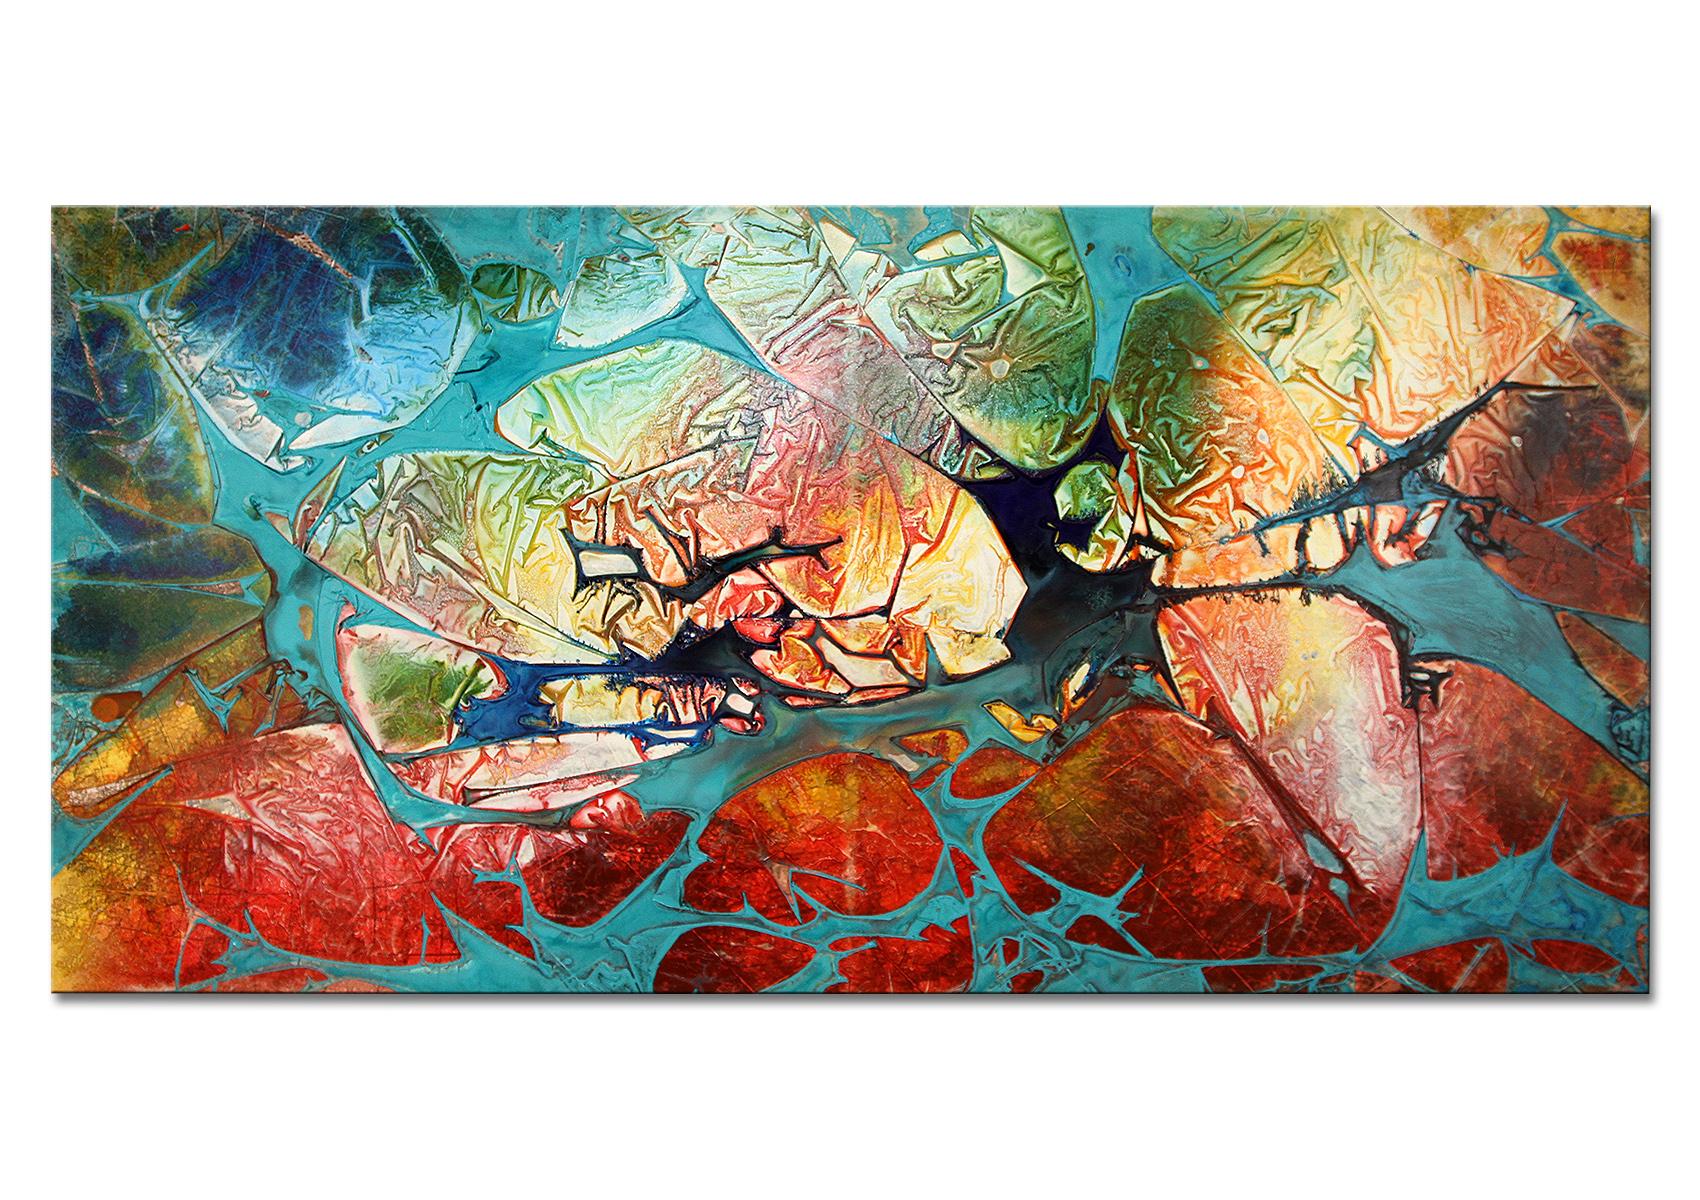 Zeitgenössische Kunst abstrakte Malerei, Dieu